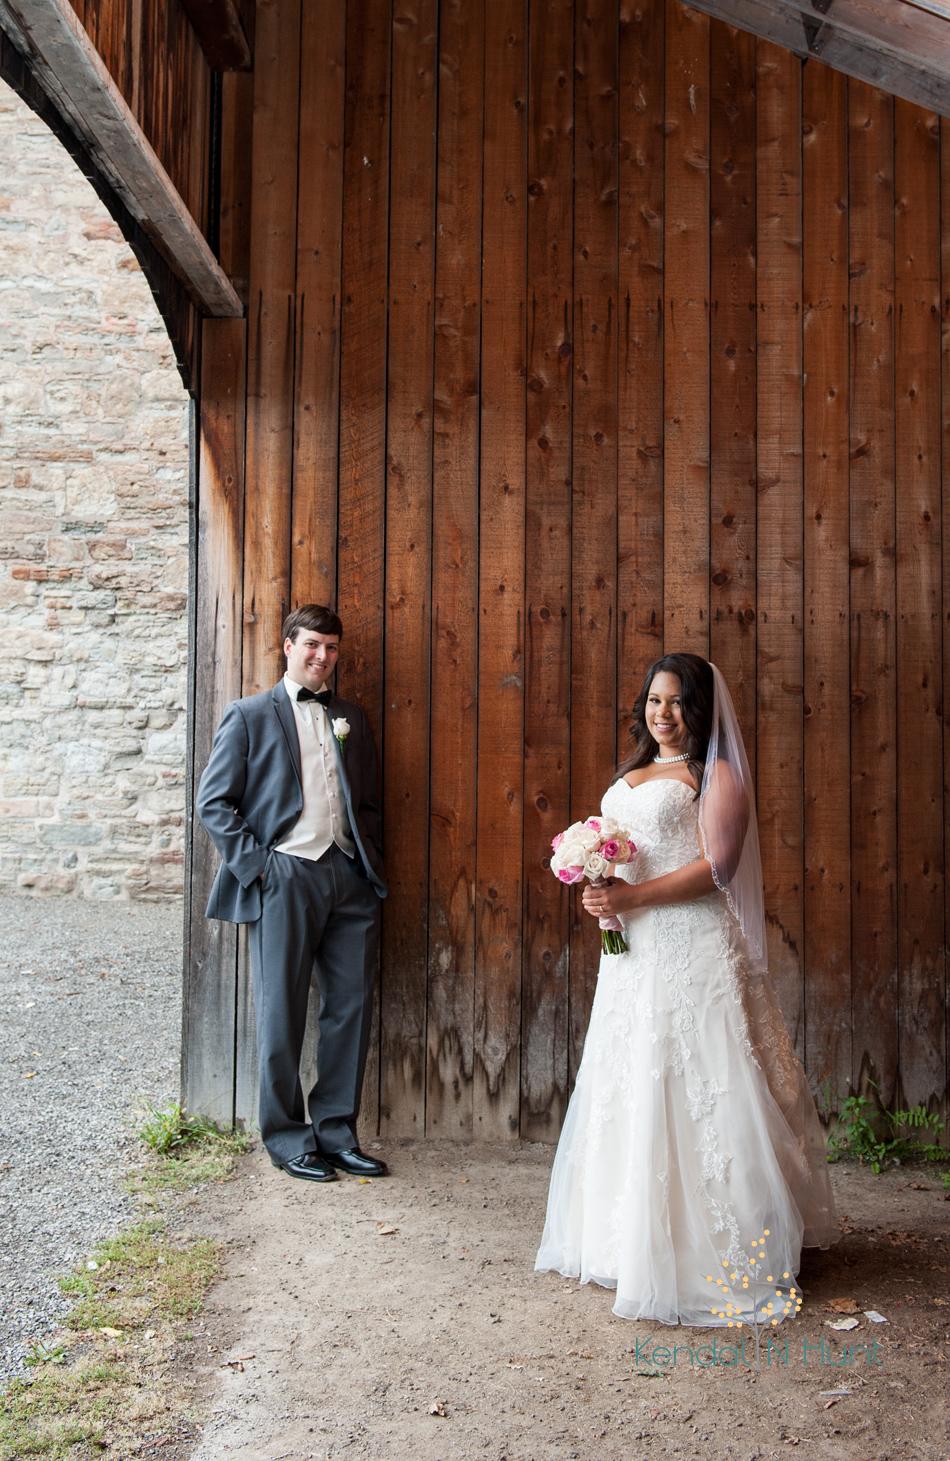 CassandraAndrea_wedding022.jpg